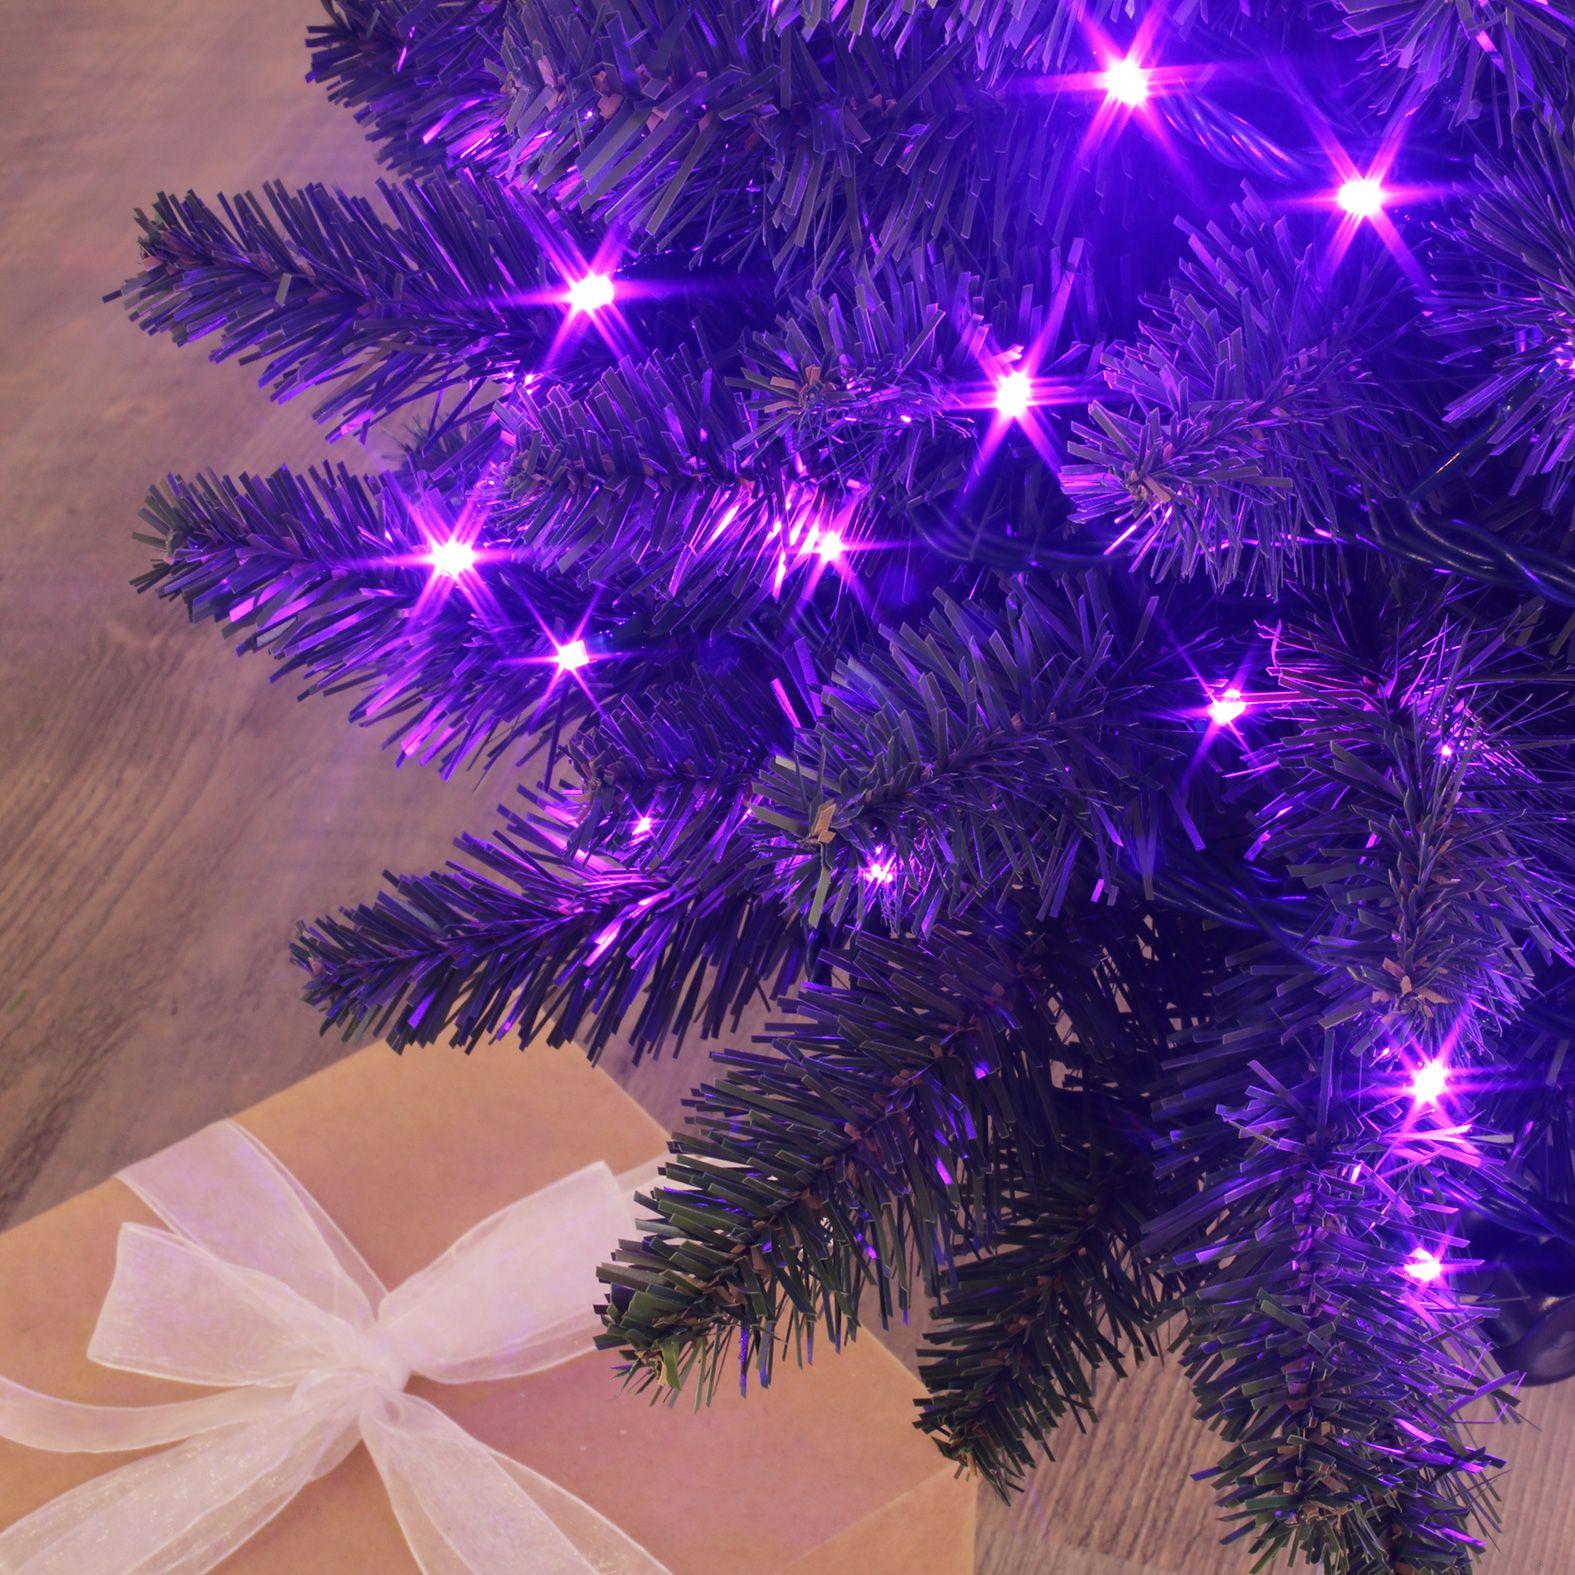 guirlande lumineuse 8 m violet 128 led cv guirlande lumineuse eminza. Black Bedroom Furniture Sets. Home Design Ideas